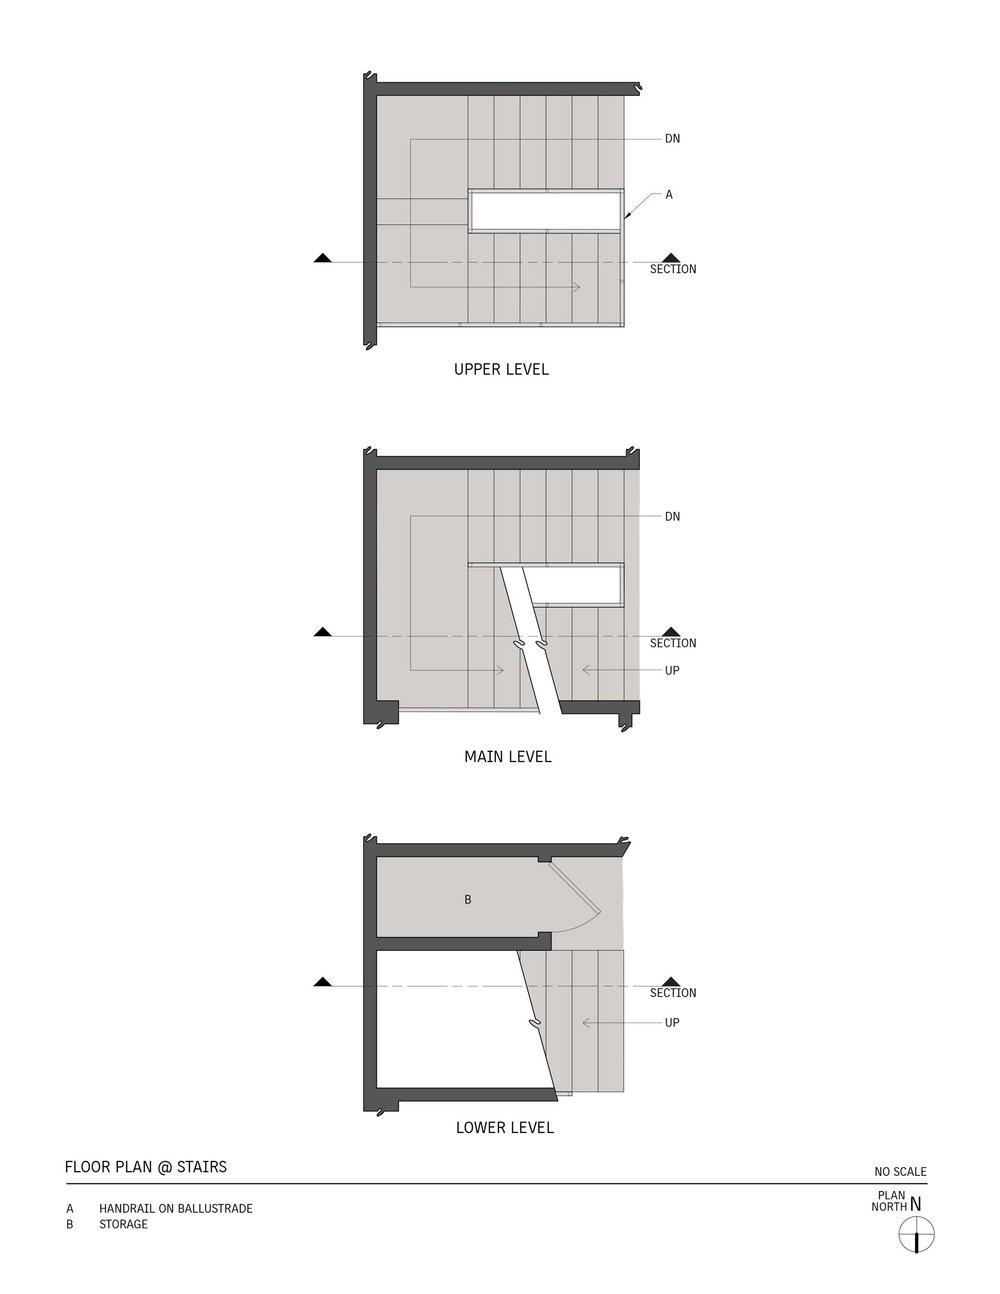 Stairs - Plan